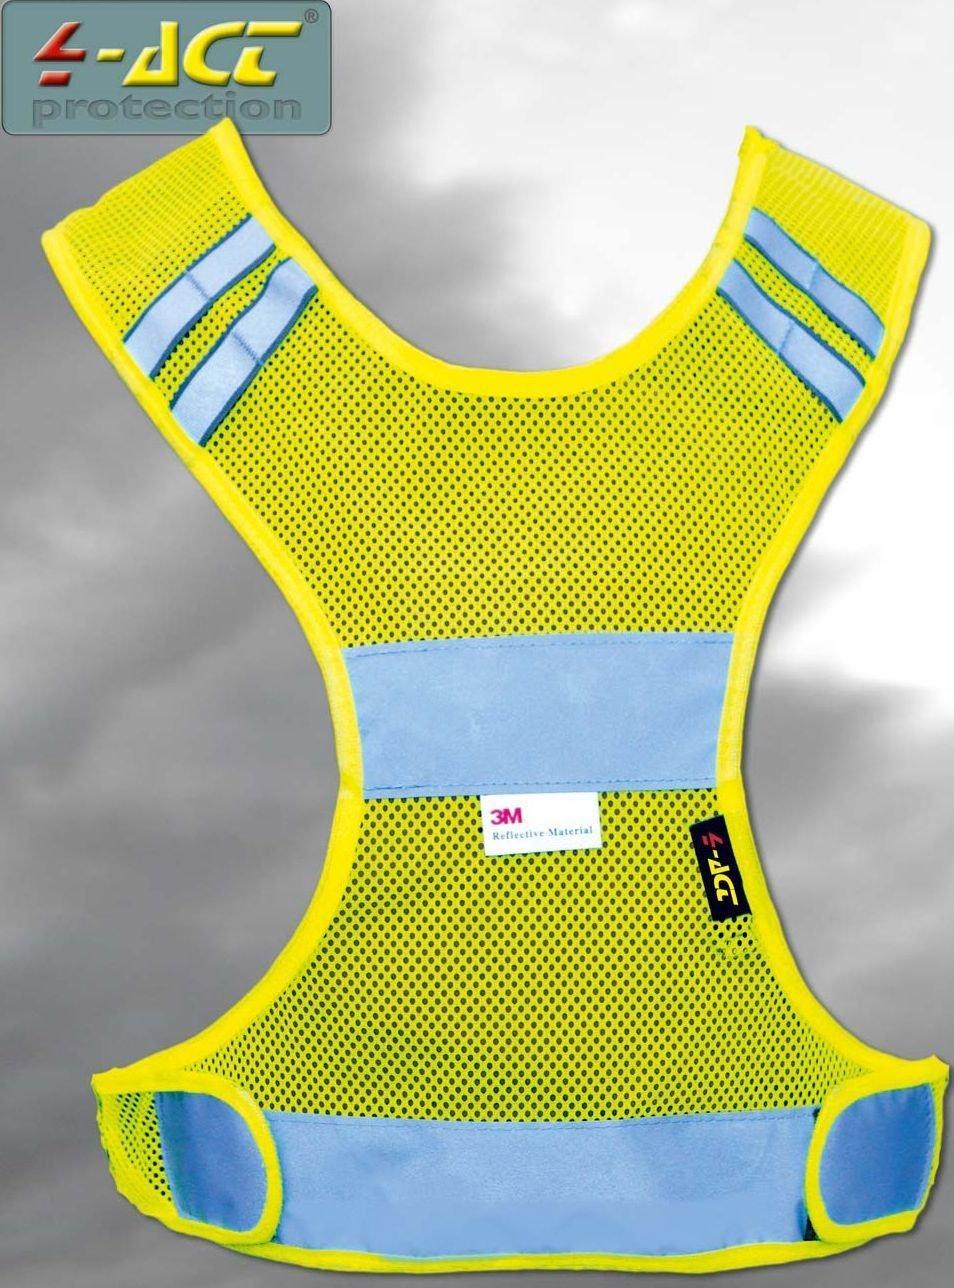 sicherheitsbekleidung/Beleuchtung: 4-Act  3MReflex Überwurfweste XL